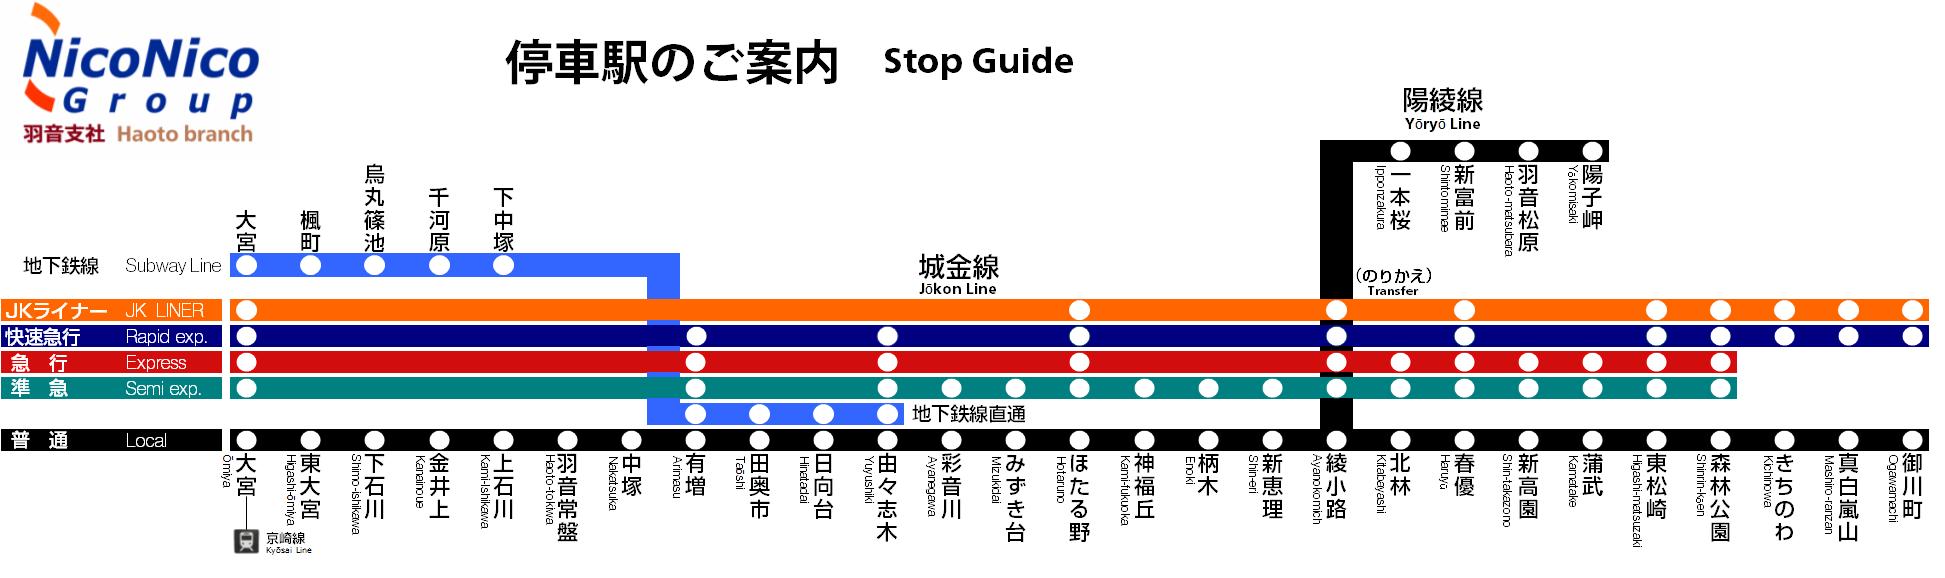 14話路線図png.png